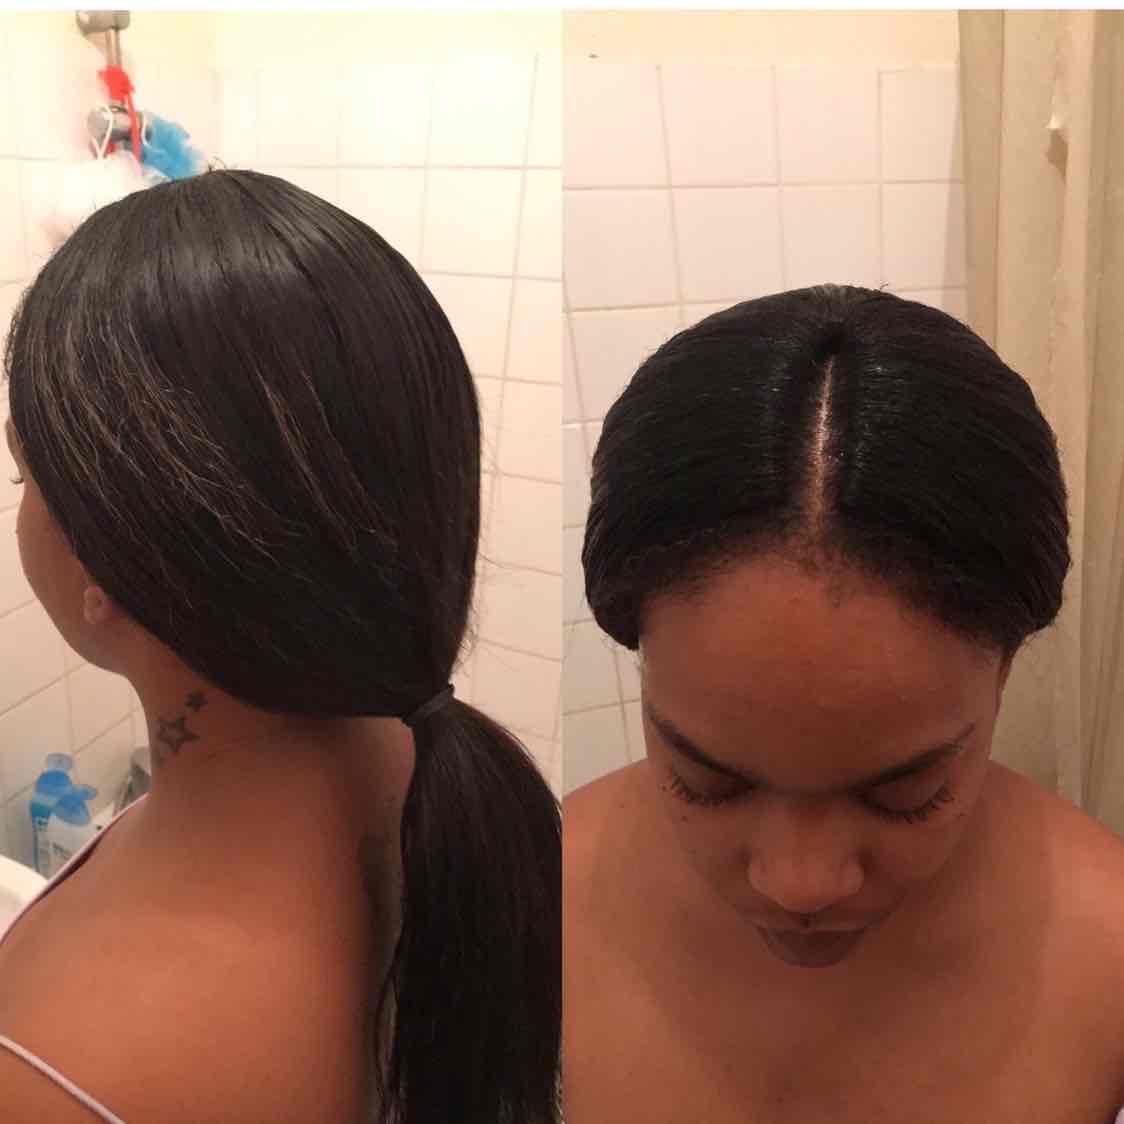 salon de coiffure afro tresse tresses box braids crochet braids vanilles tissages paris 75 77 78 91 92 93 94 95 HIPVLVXD